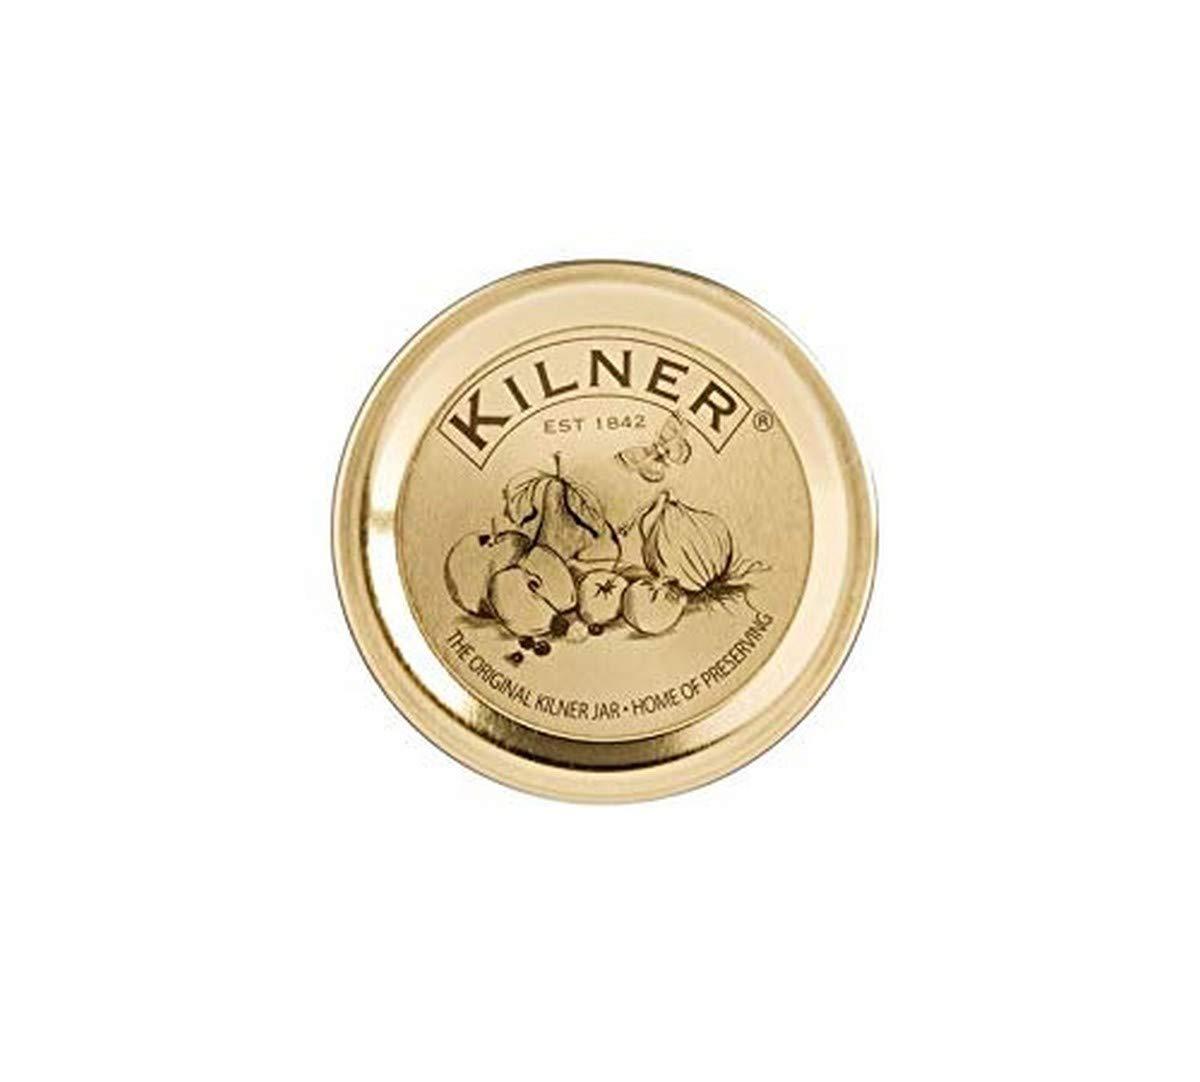 Pack of 12 Discs for Kilner Preserving Jars